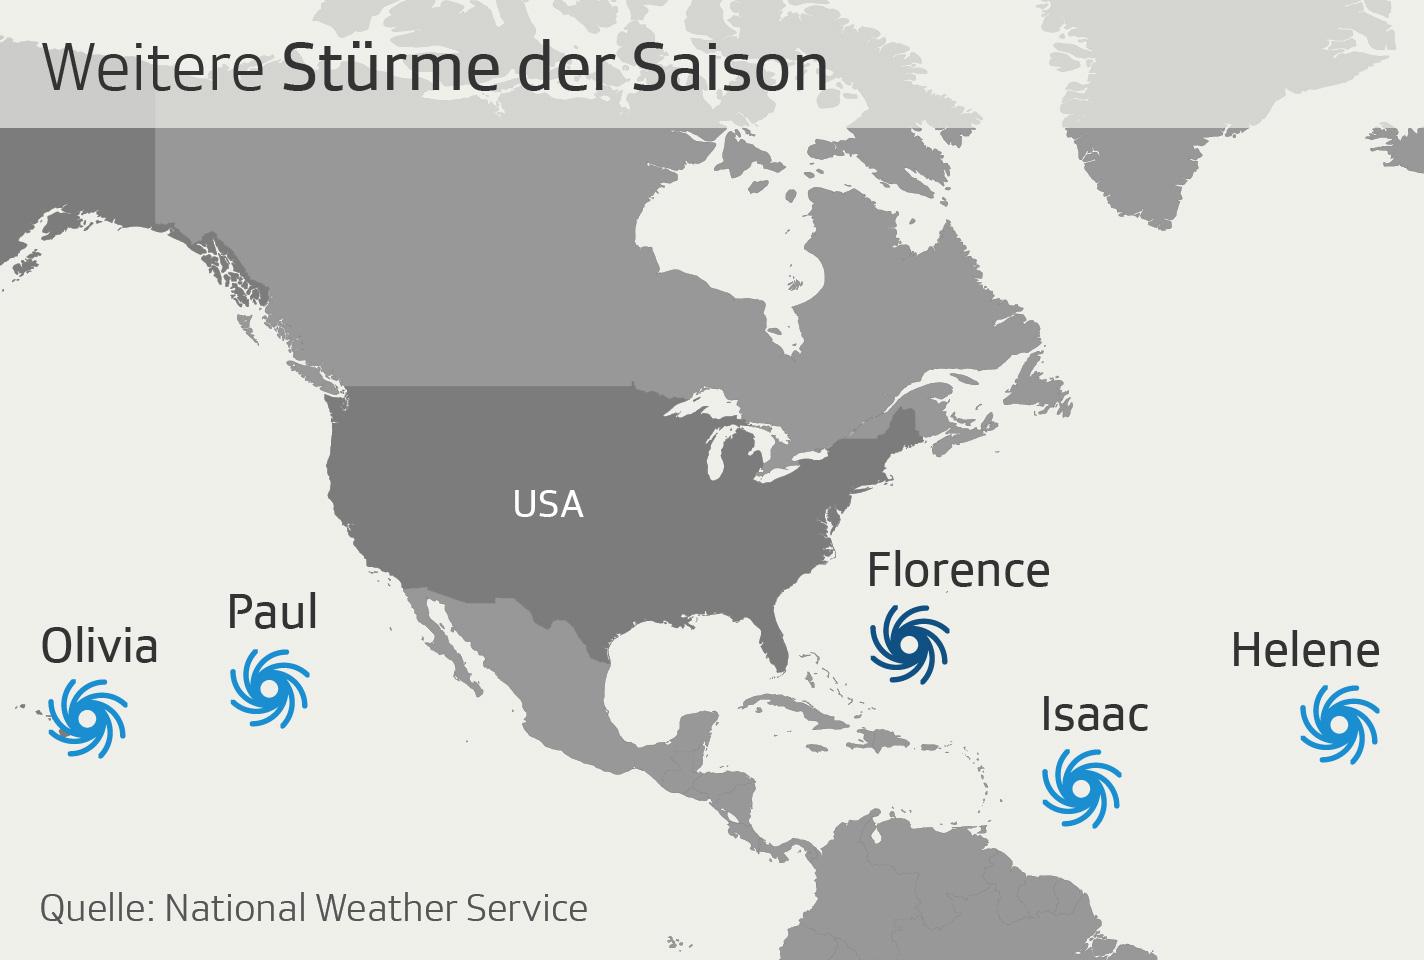 Weitere Wirbelstürme in der Region